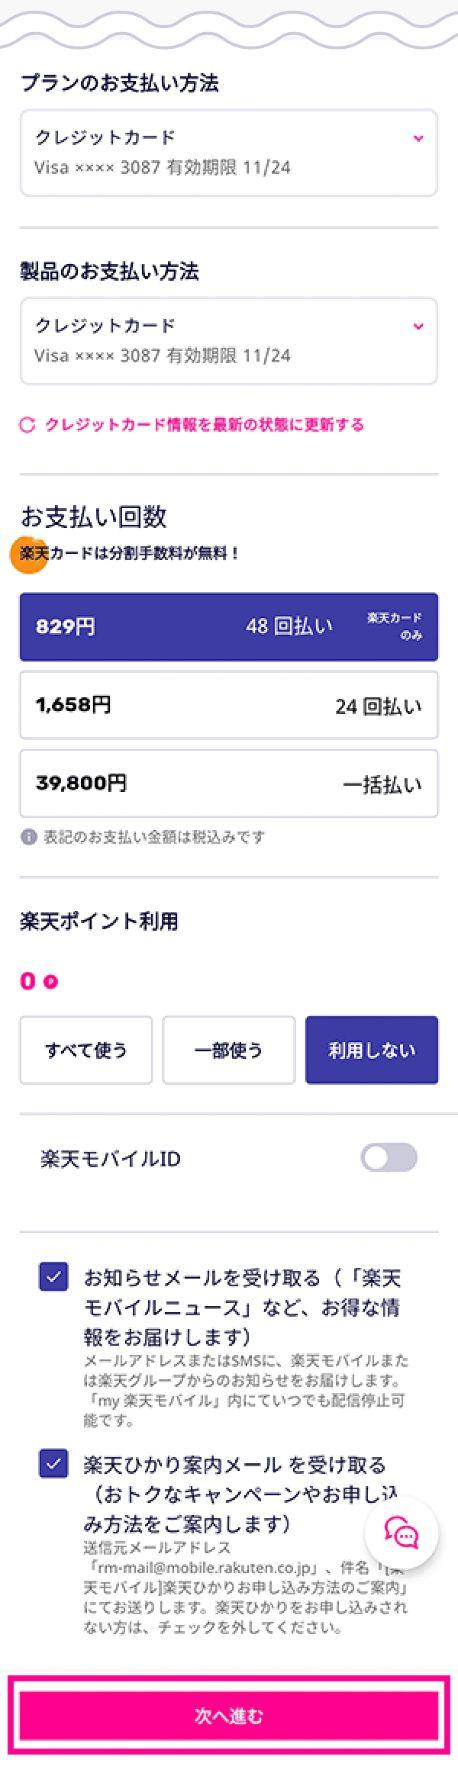 手順3. オンラインから楽天モバイルに申し込む8